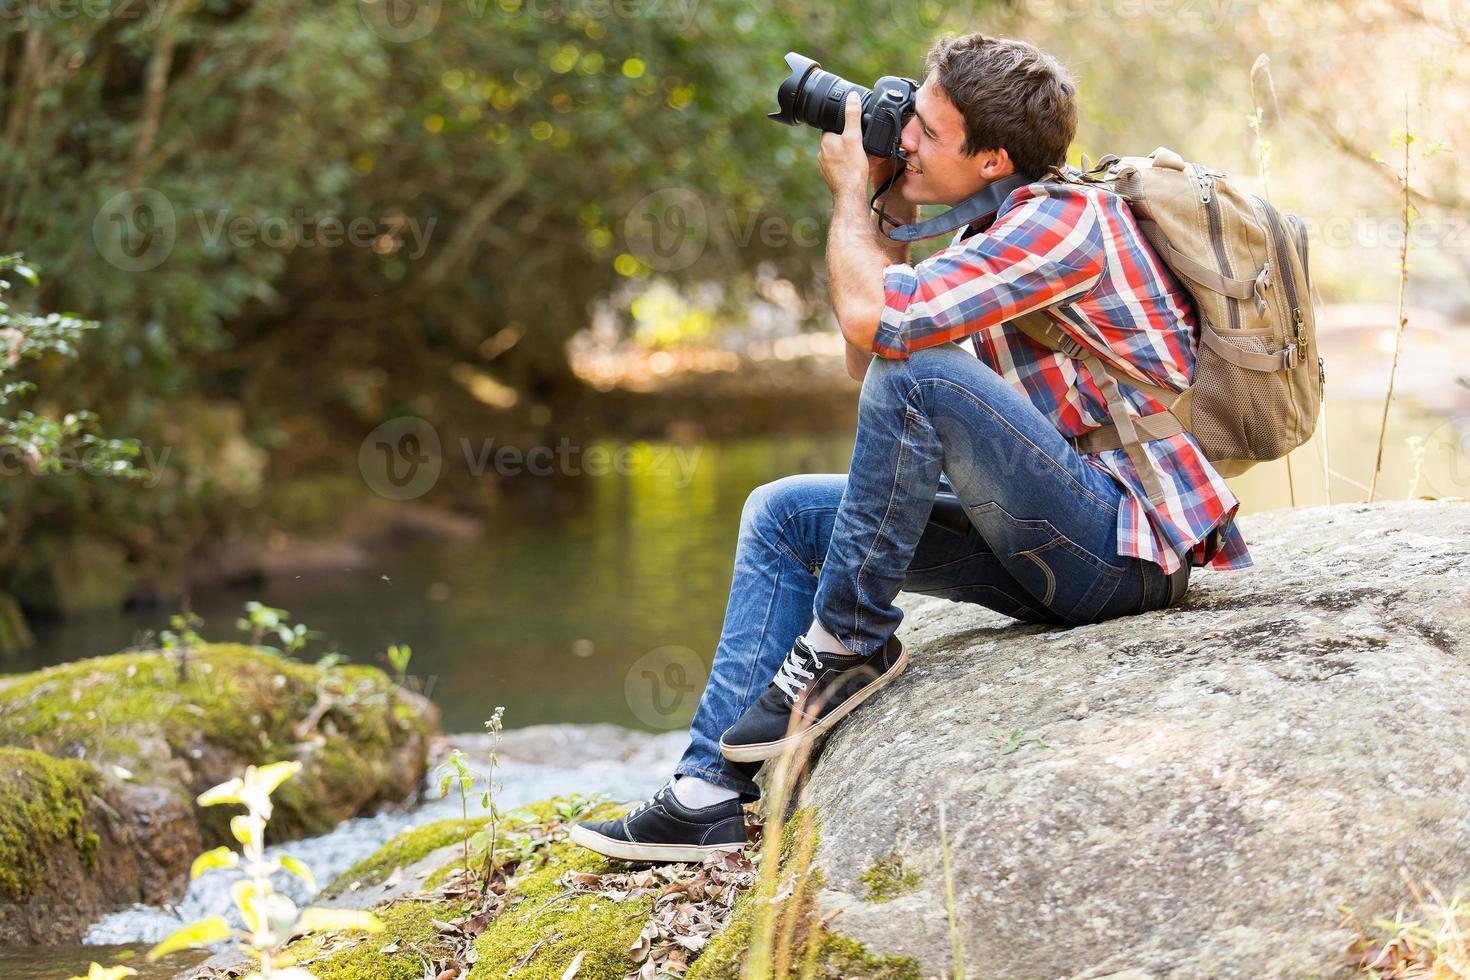 fotografo che fotografa nella valle della montagna foto